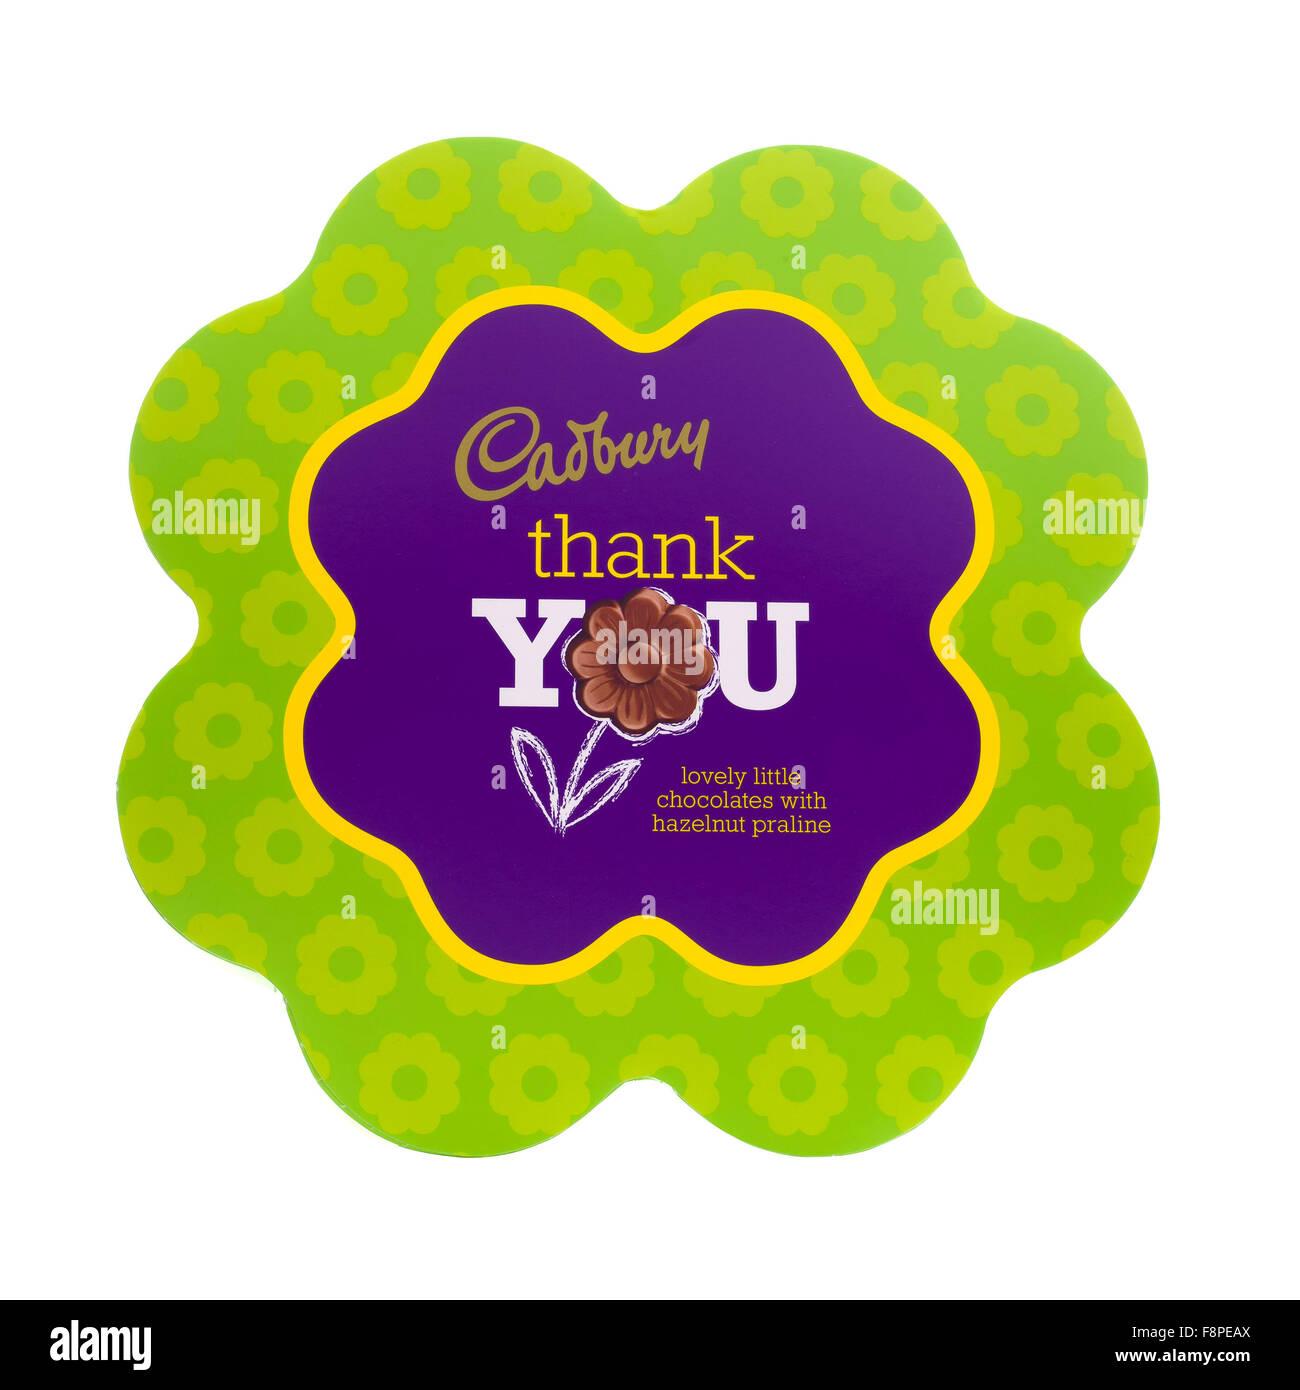 Cadbury Thank You Lovely Little Chocolates With Hazelnut Praline on a White Background - Stock Image